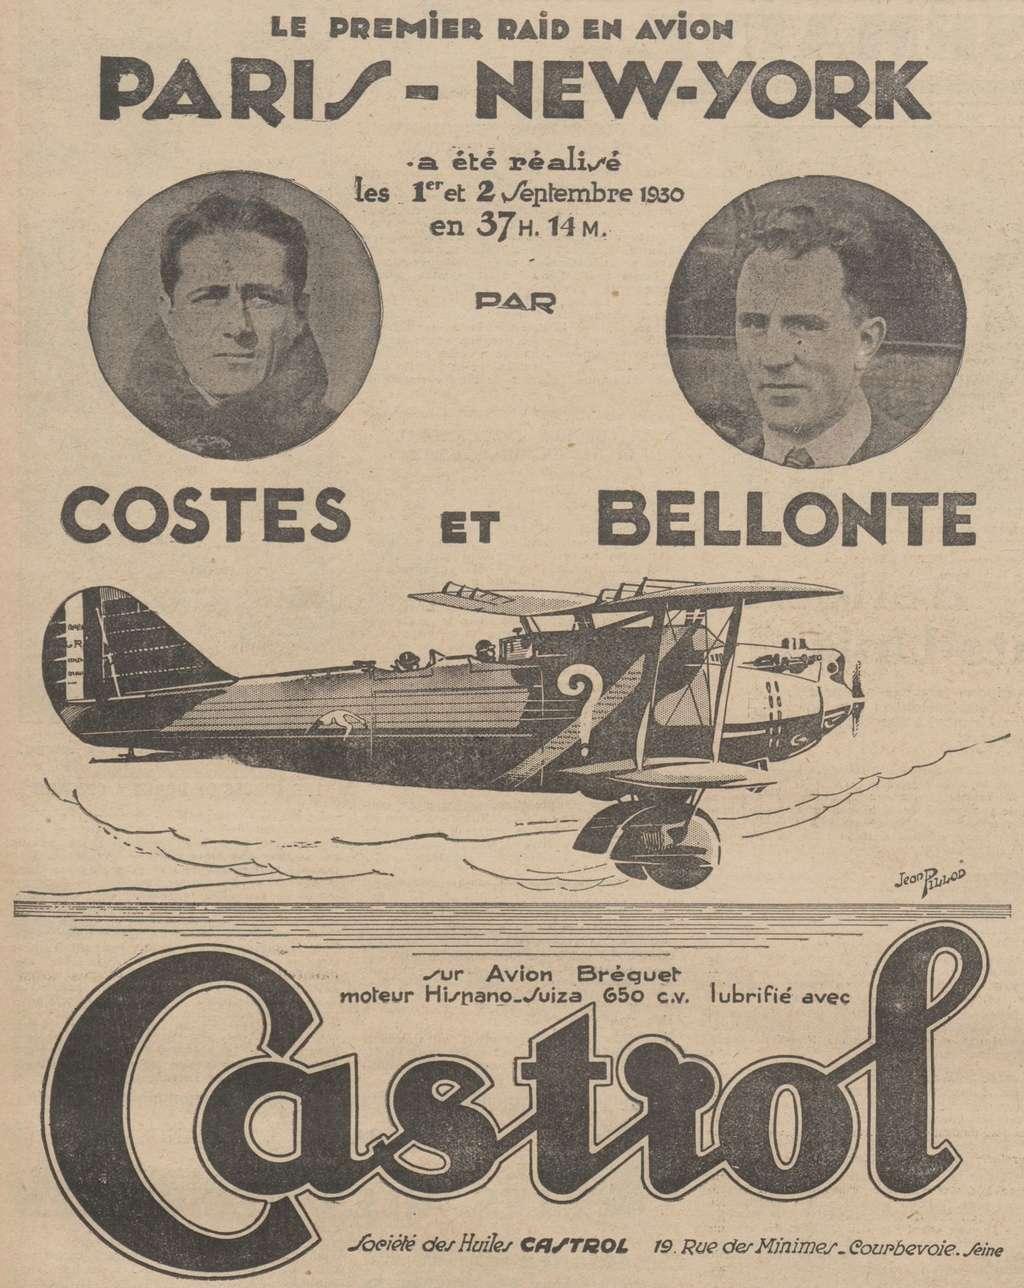 Les Aviateurs Costes et Bellonte en CITROËN C6F 9106